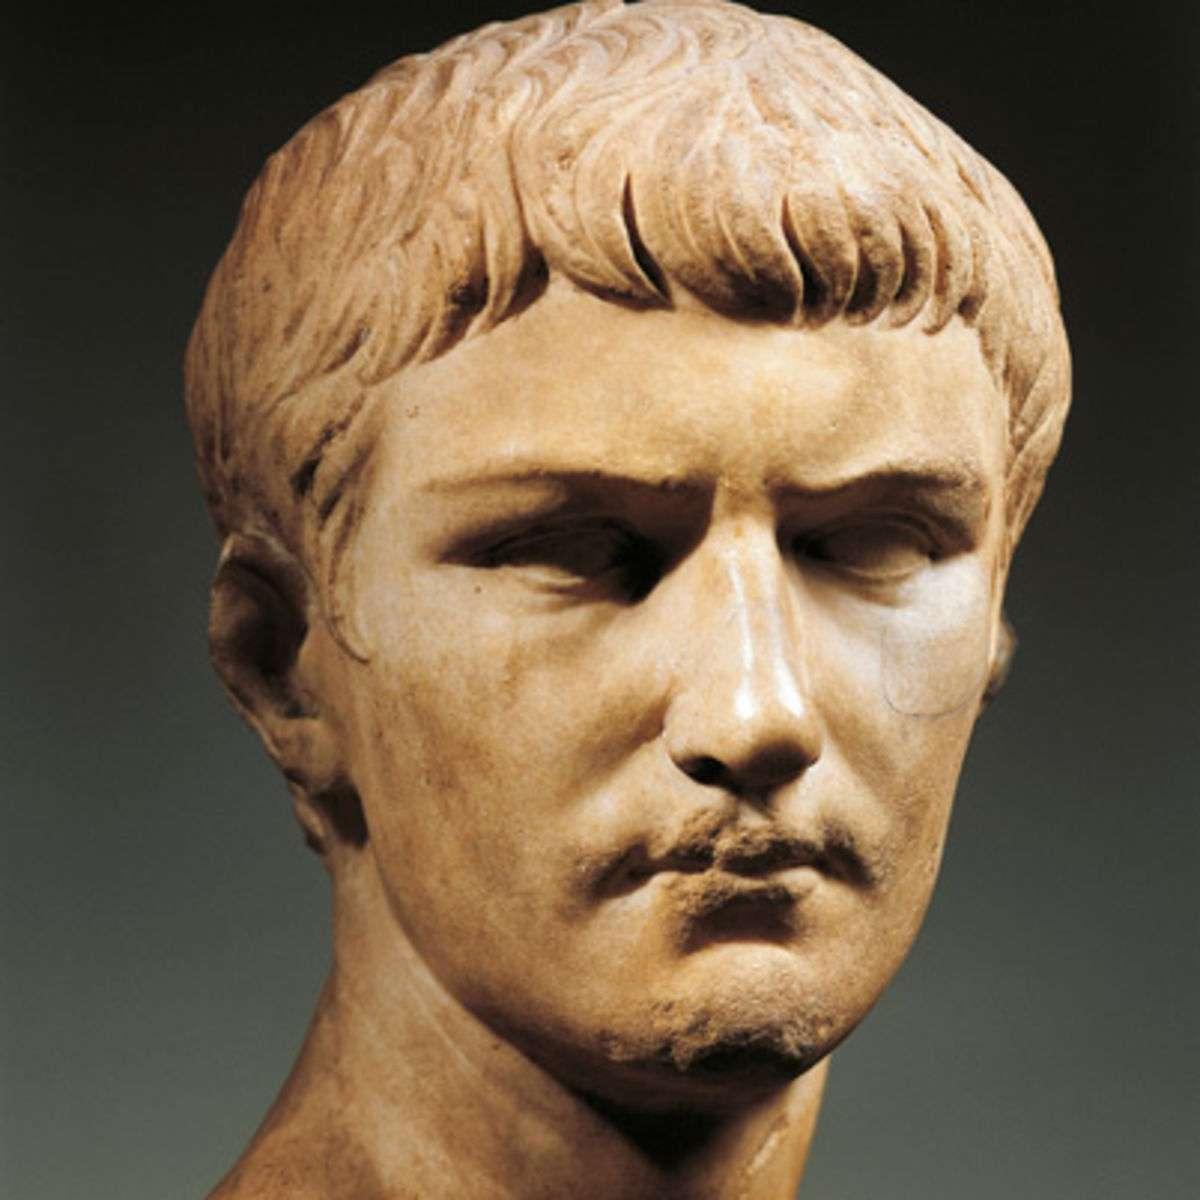 Ο Γάιος Ιούλιος Καίσαρας Γερμανικός (Gaius Iulius Caesar Germanicus[1], 31 Αυγούστου 12 – 24 Ιανουαρίου 41), πιο γνωστός από το προσωνύμιο Καλιγούλας, ήταν Ρωμαίος αυτοκράτορας από το 37 έως το 41.